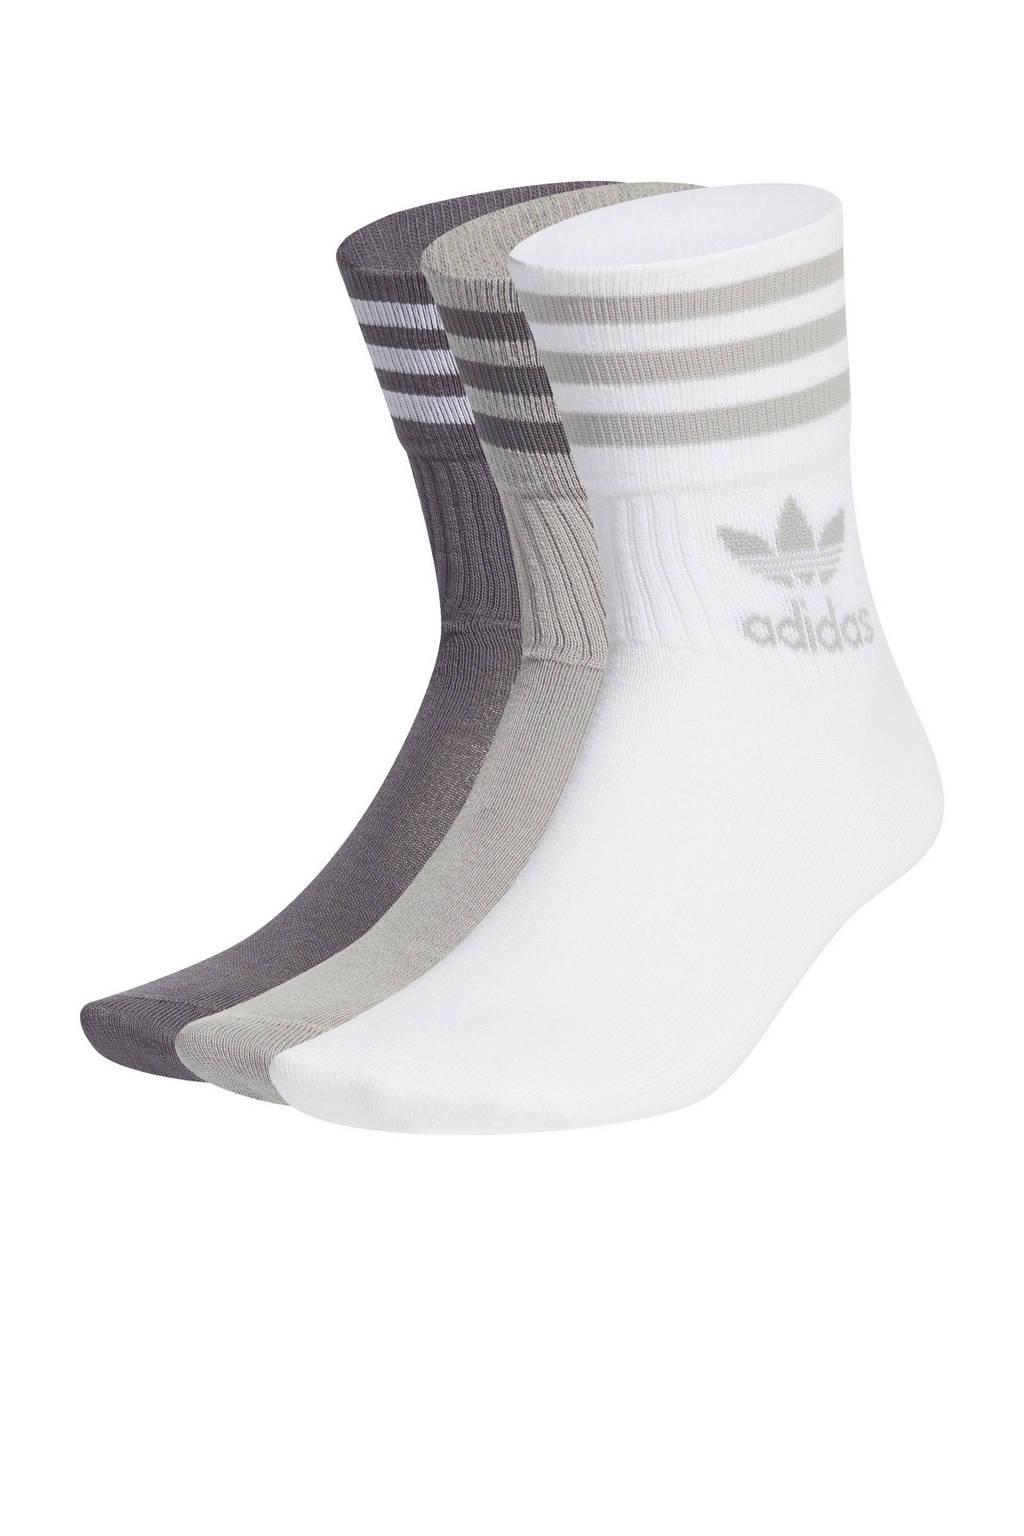 adidas Originals Adicolor sokken - set van 3 wit/grijs, Wit/grijs